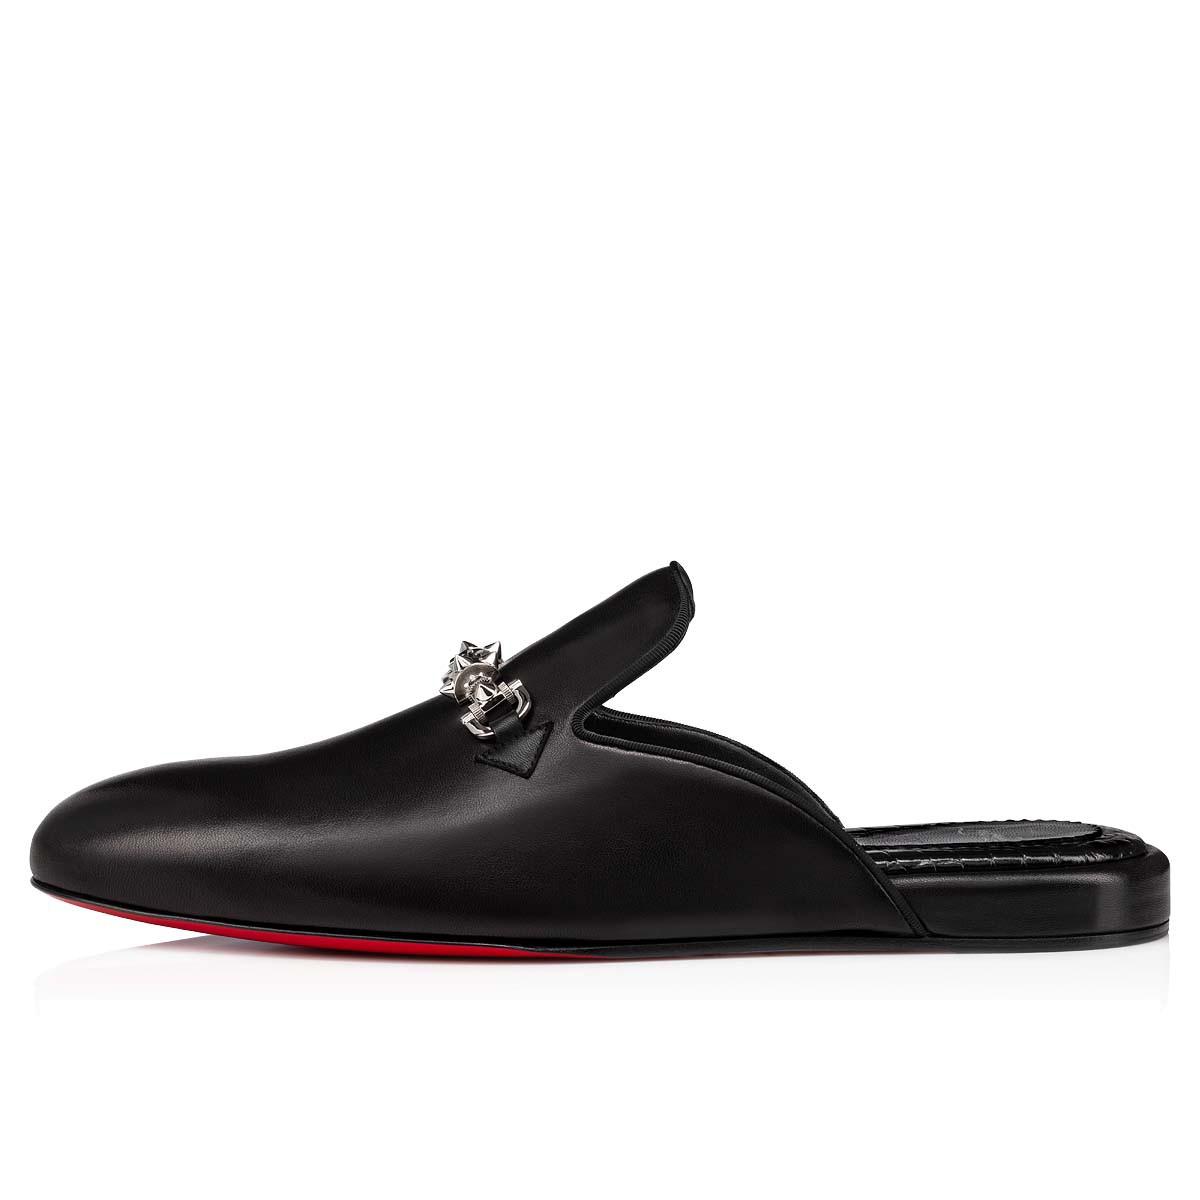 鞋履 - Coolito Swing - Christian Louboutin